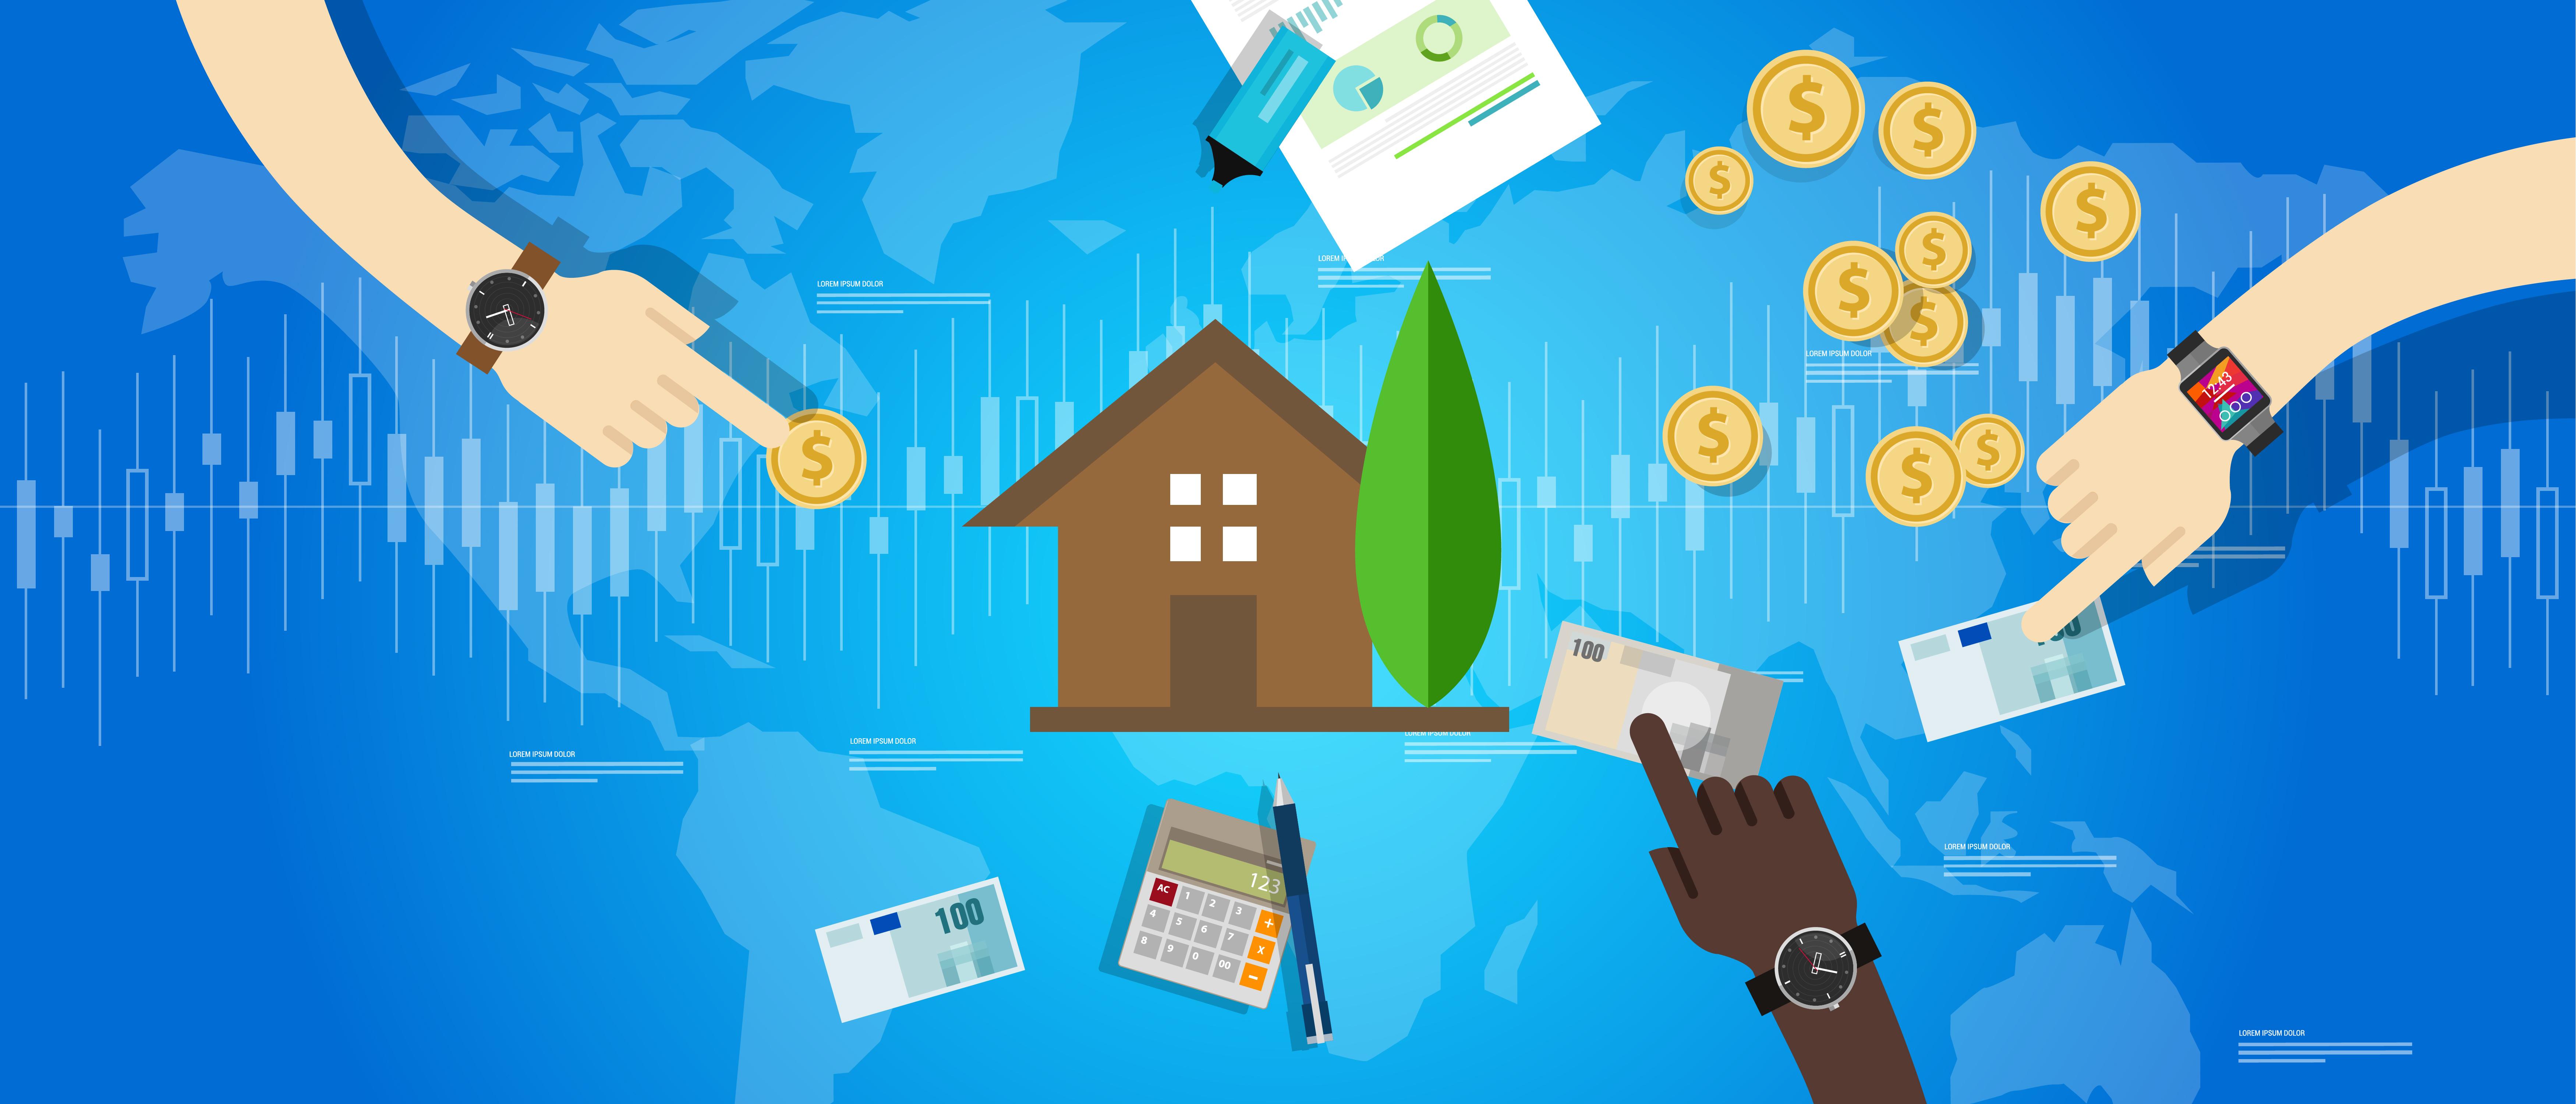 Кредиты малому бизнесу под залог недвижимости как получить кредит для бизнеса в сбербанке